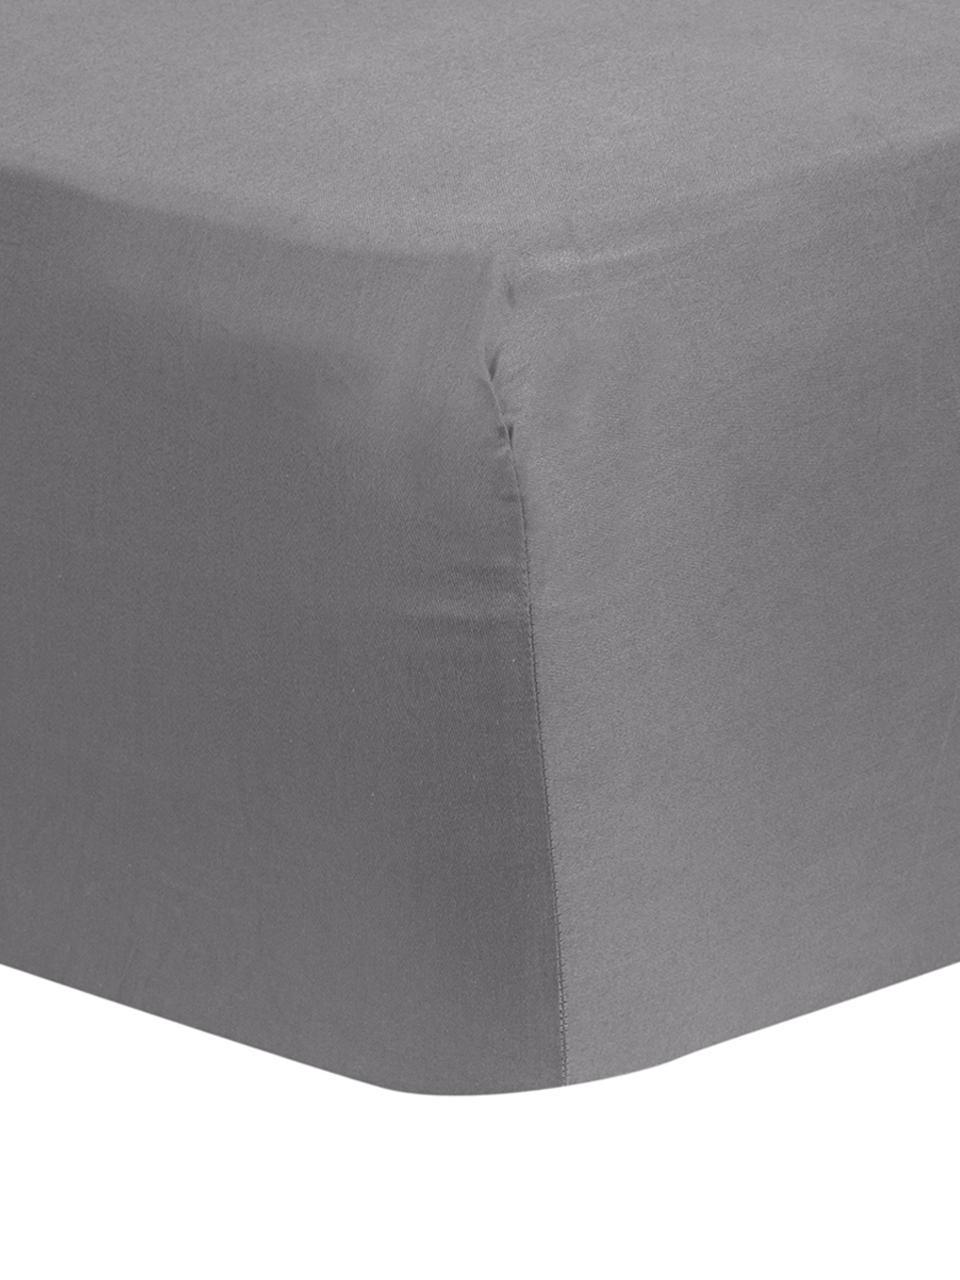 Hoeslaken Comfort in donkergrijs, katoensatijn, Weeftechniek: satijn, licht glanzend, Donkergrijs, 180 x 200 cm